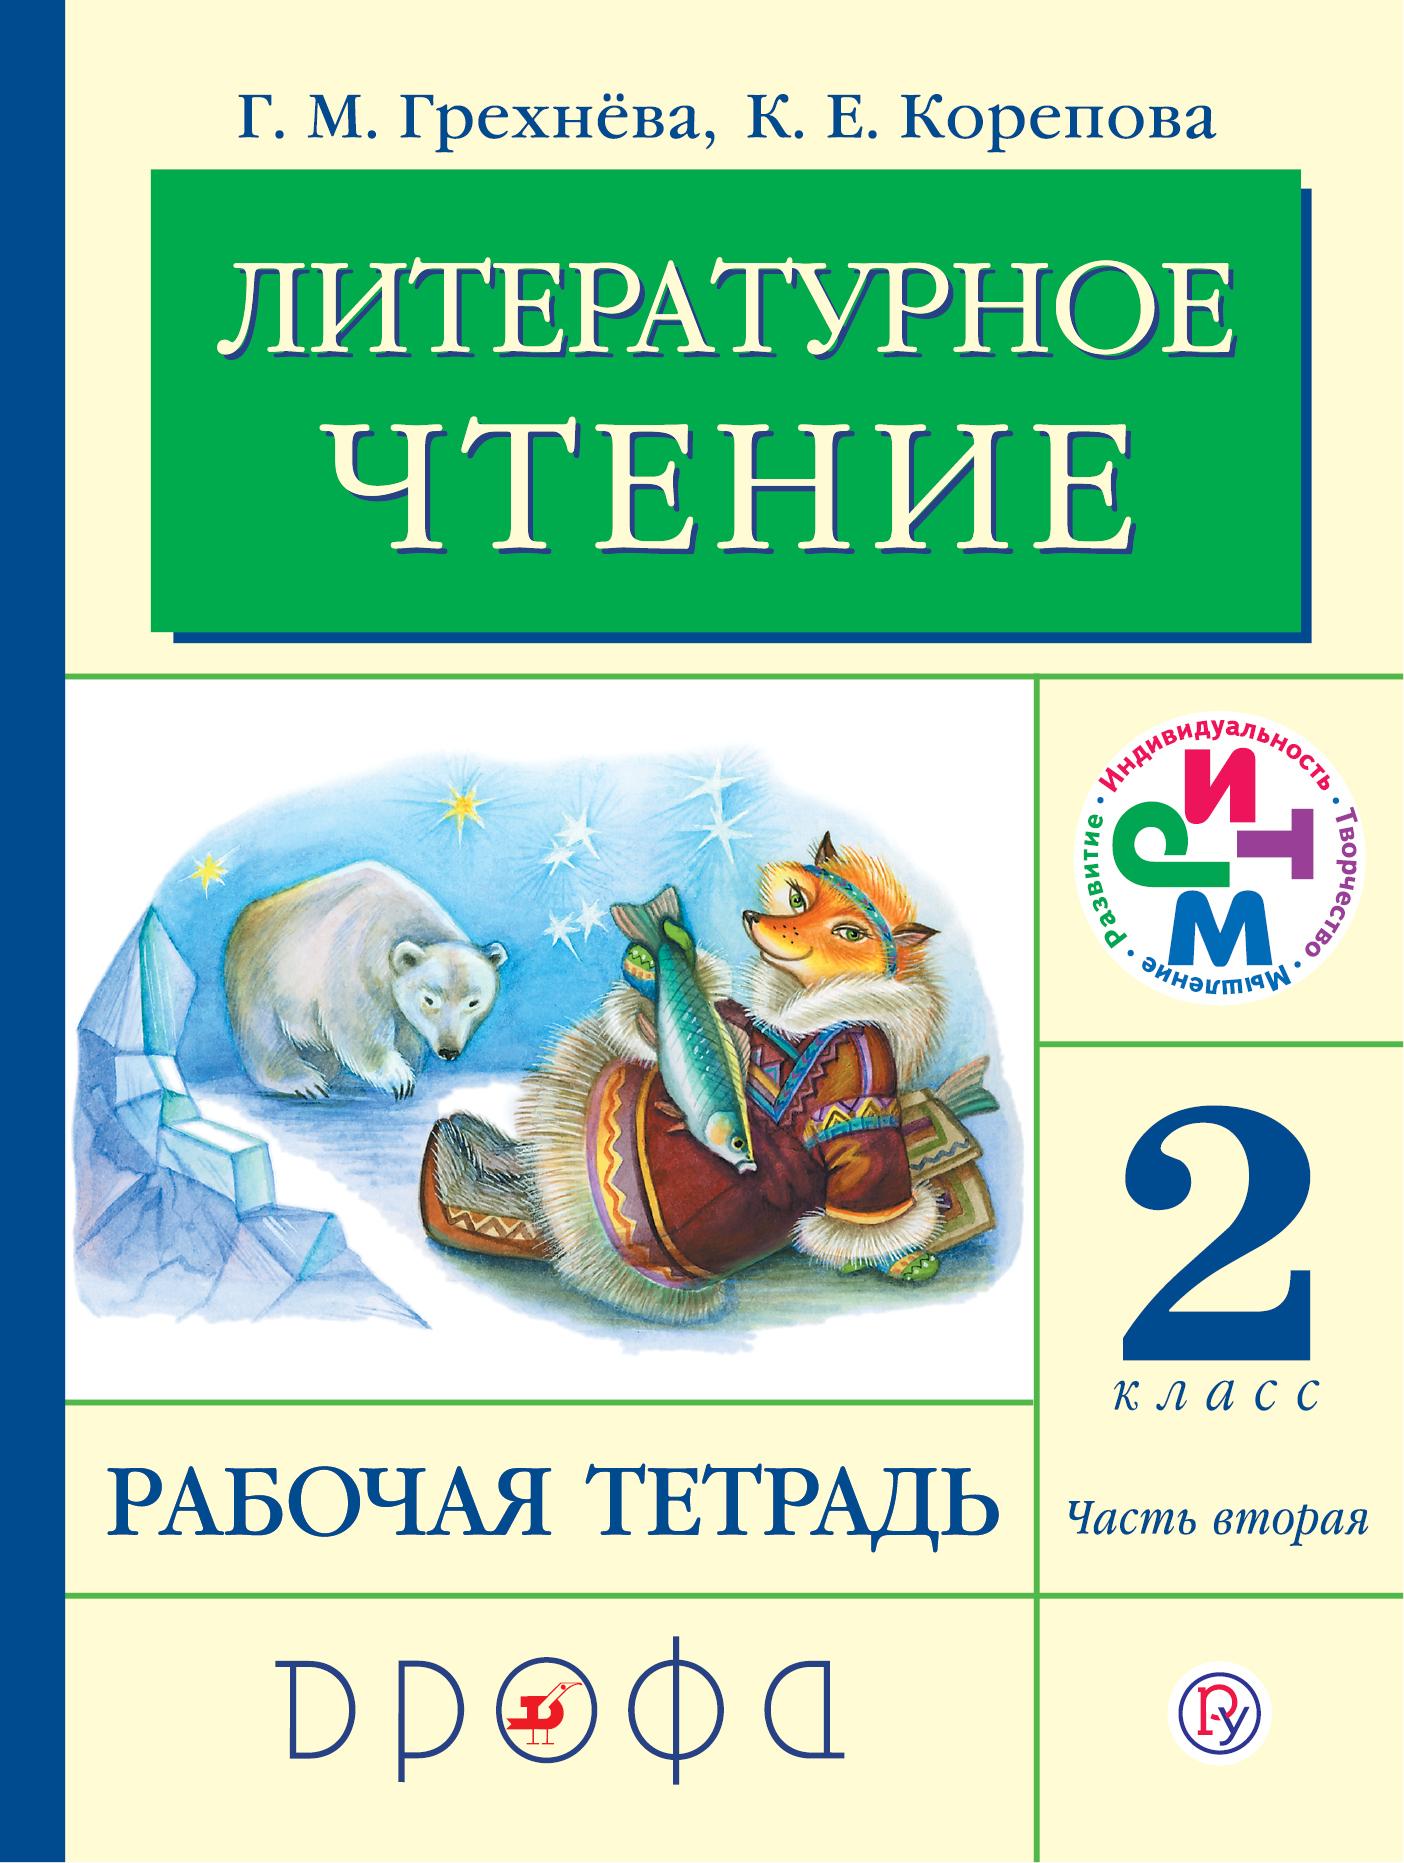 Литературное чтение. 2 класс. Рабочая тетрадь. Часть 2.